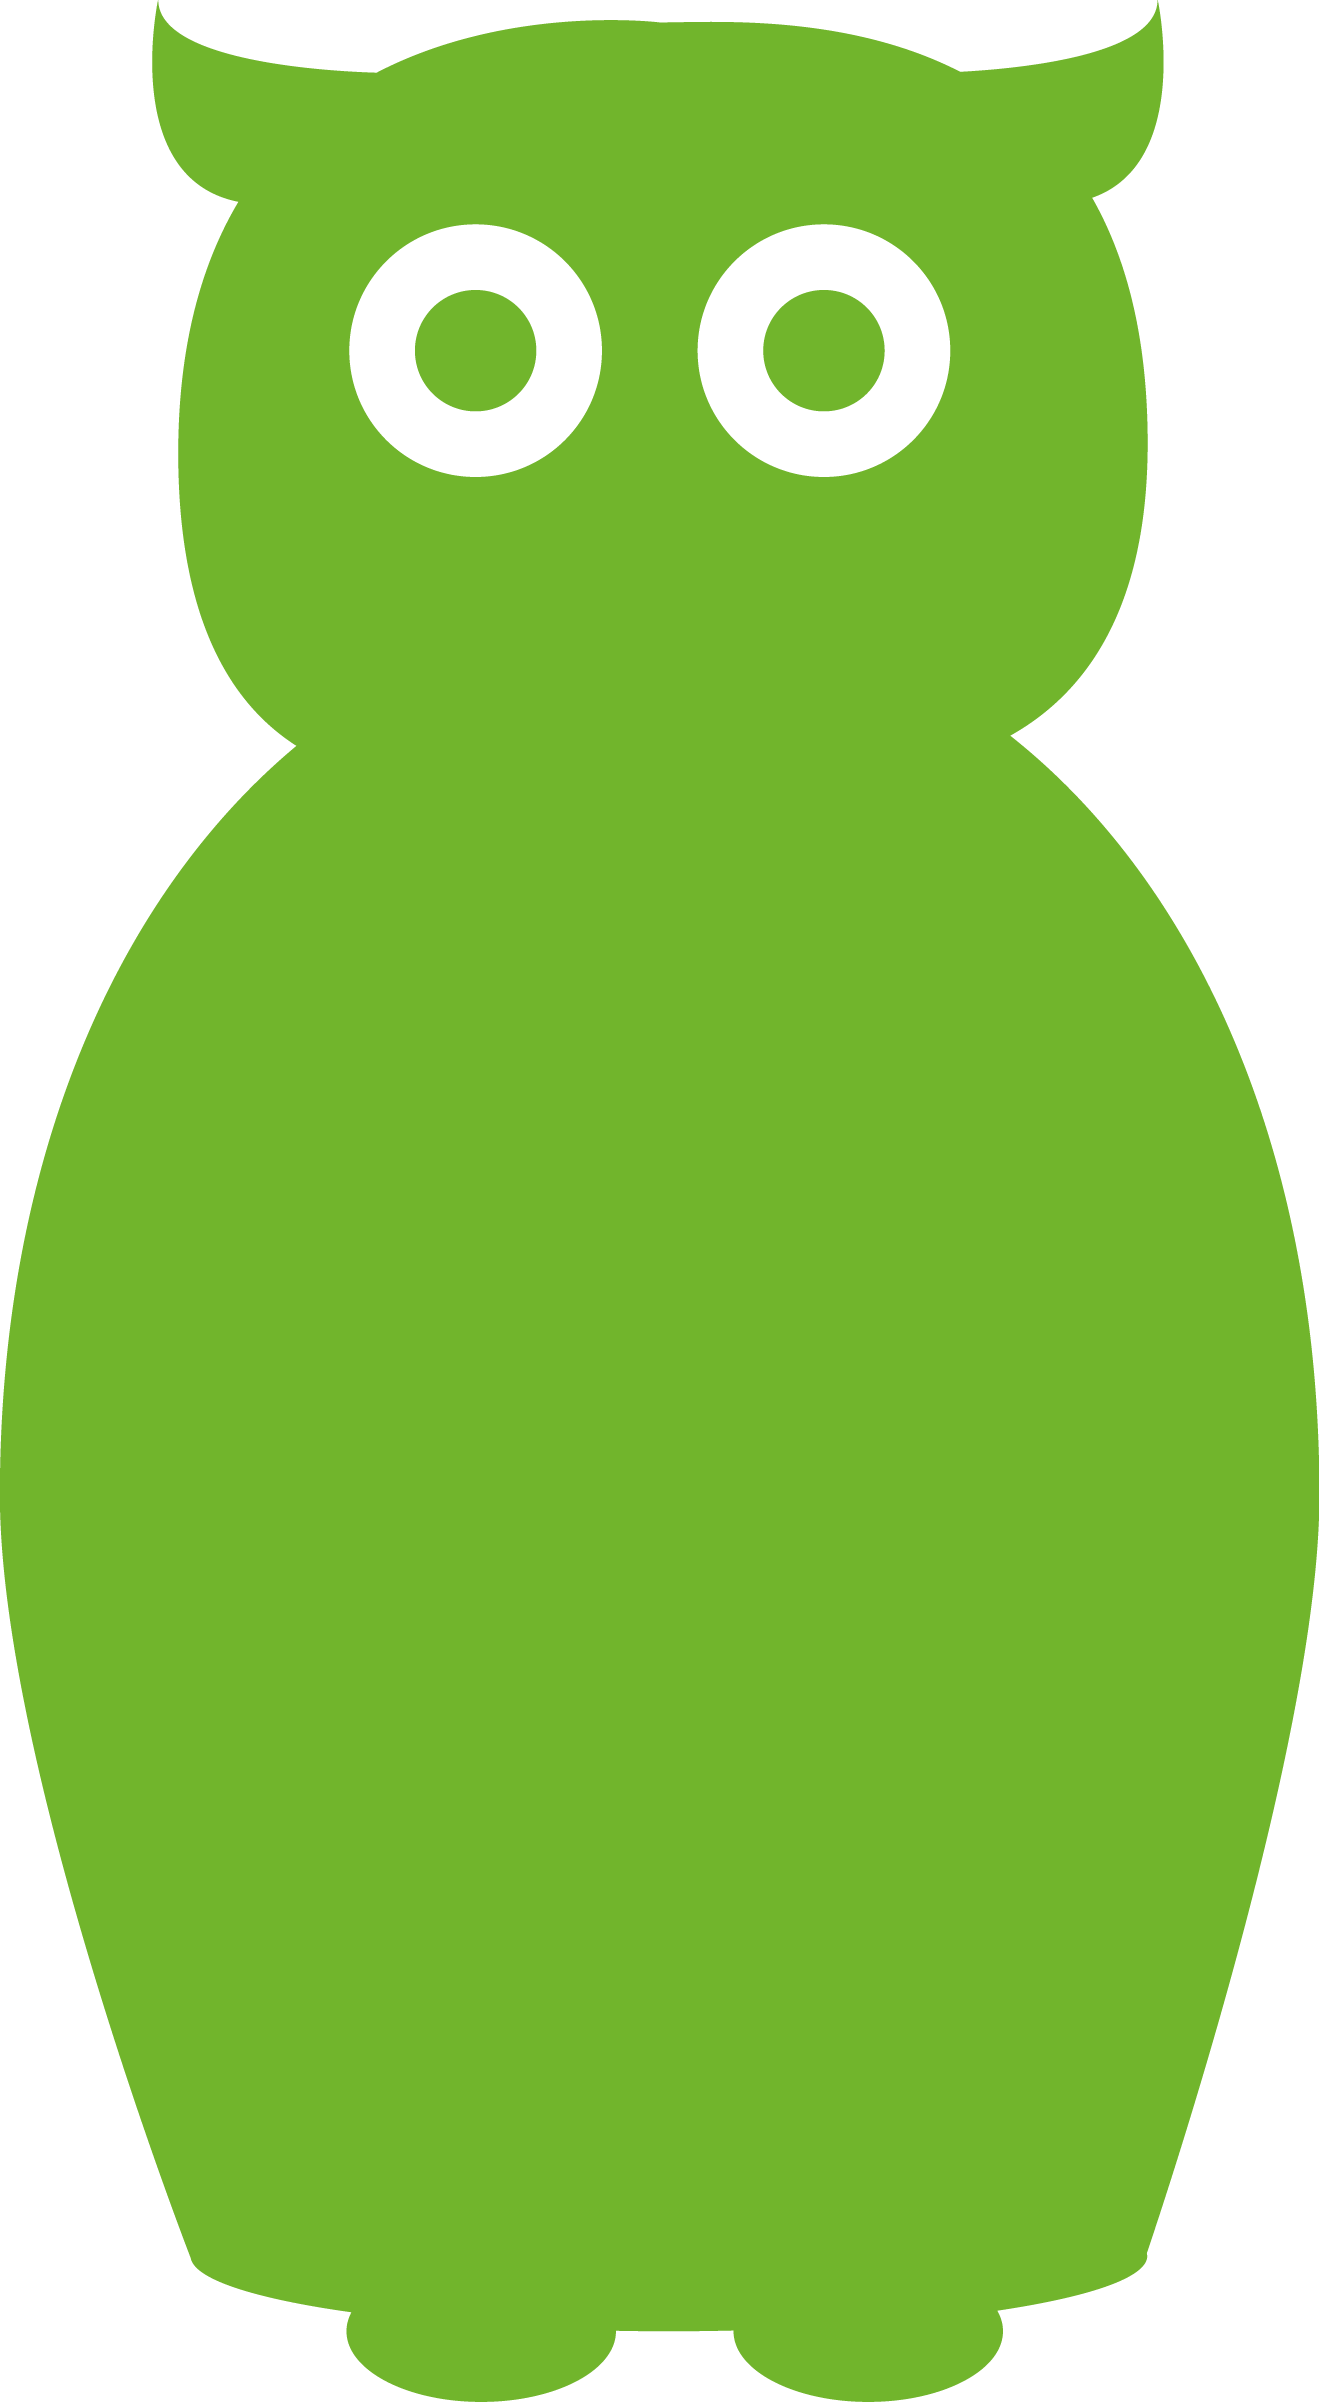 Mascotte de la qualité de l'environnement